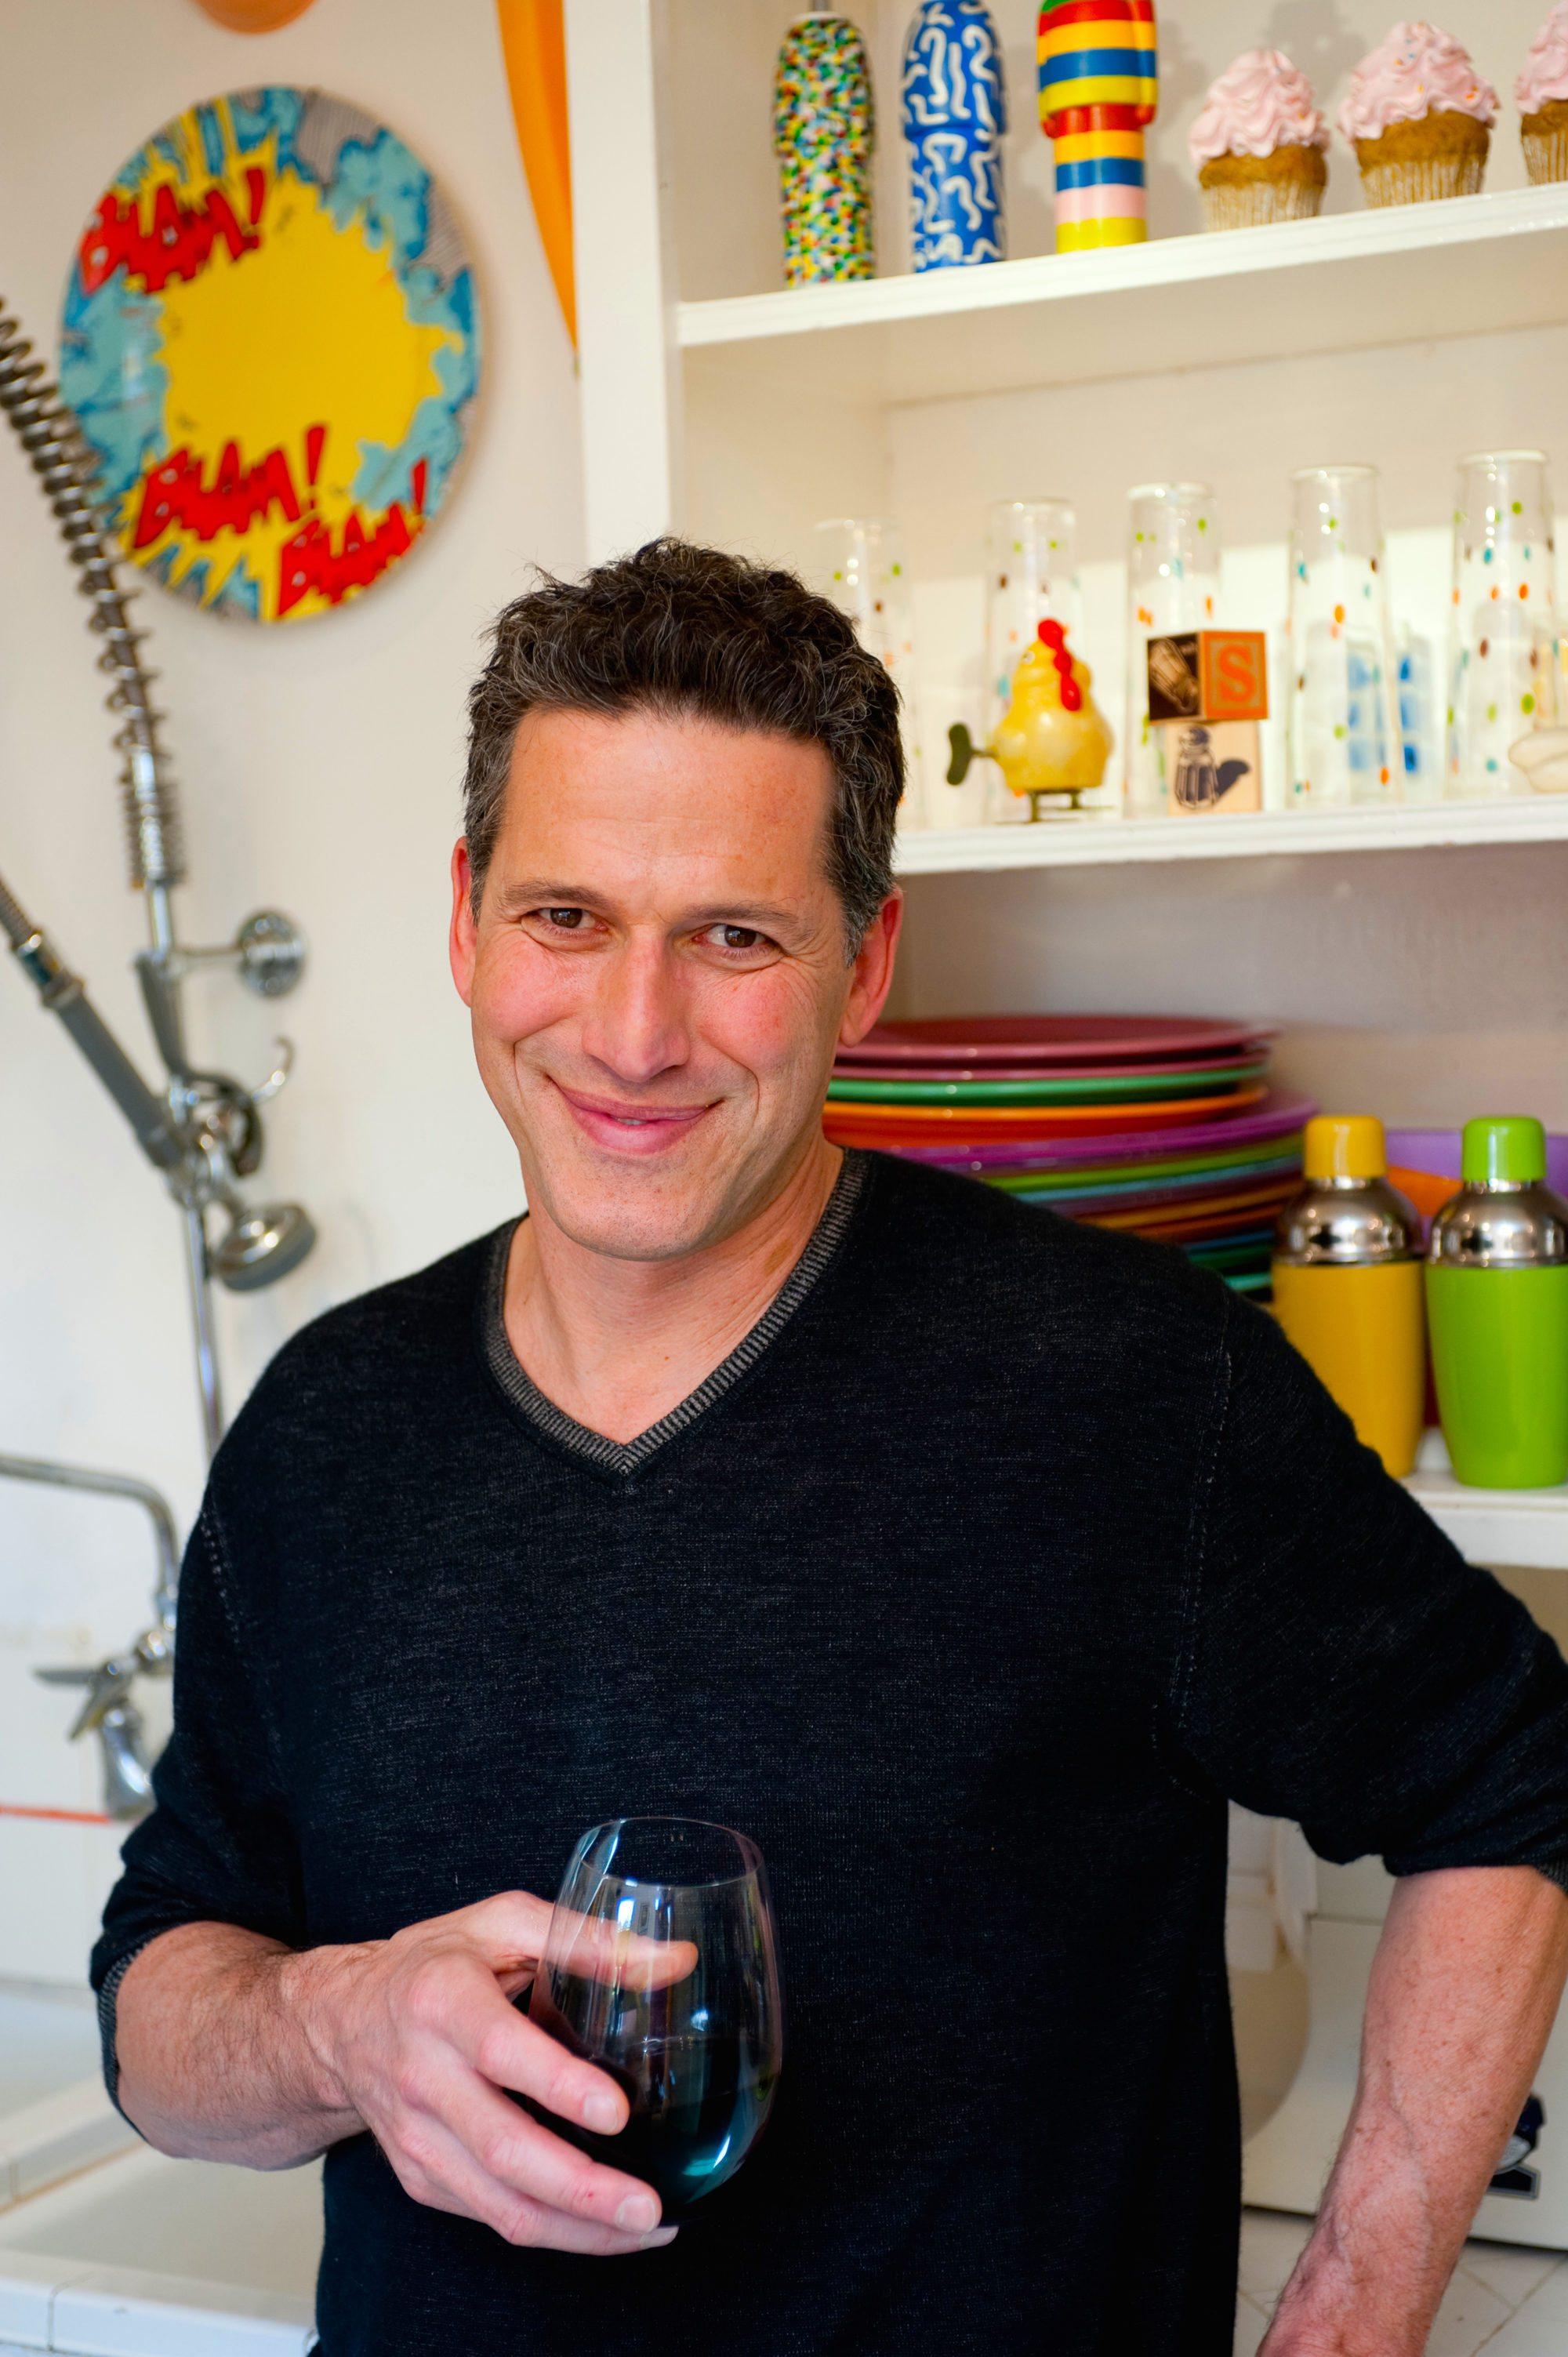 consumed-toronto-restaurants-chef-food-network-host-bob-blumer